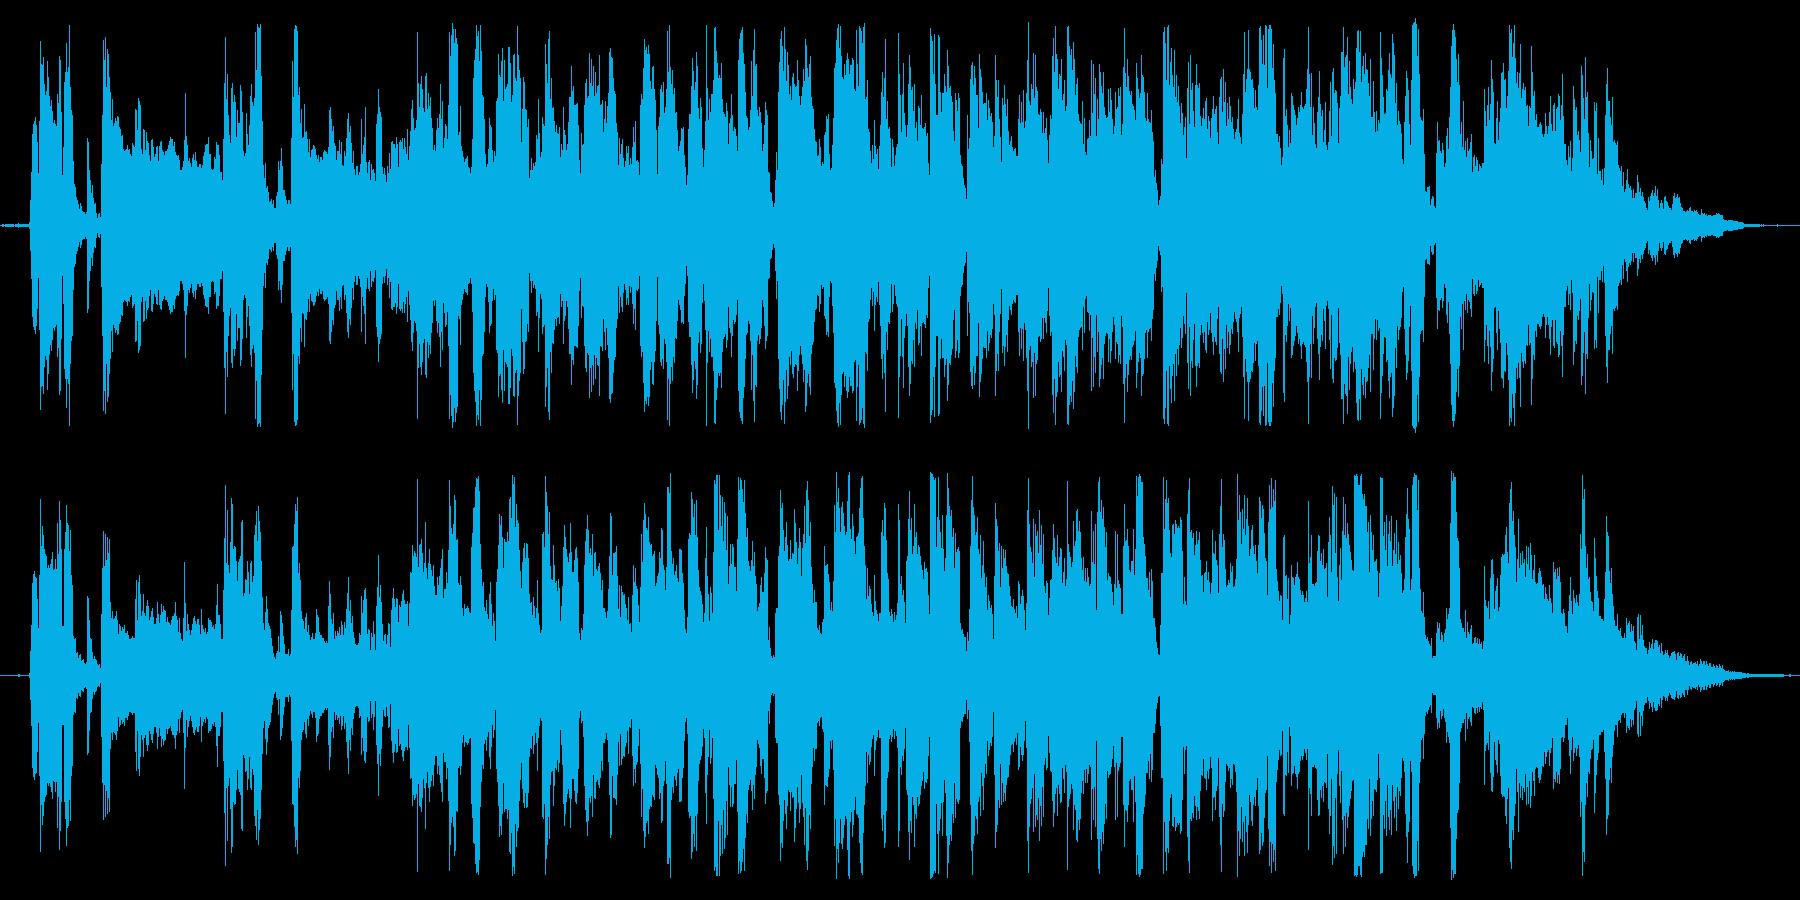 都会的な雰囲気のCM向けジャズ風楽曲の再生済みの波形